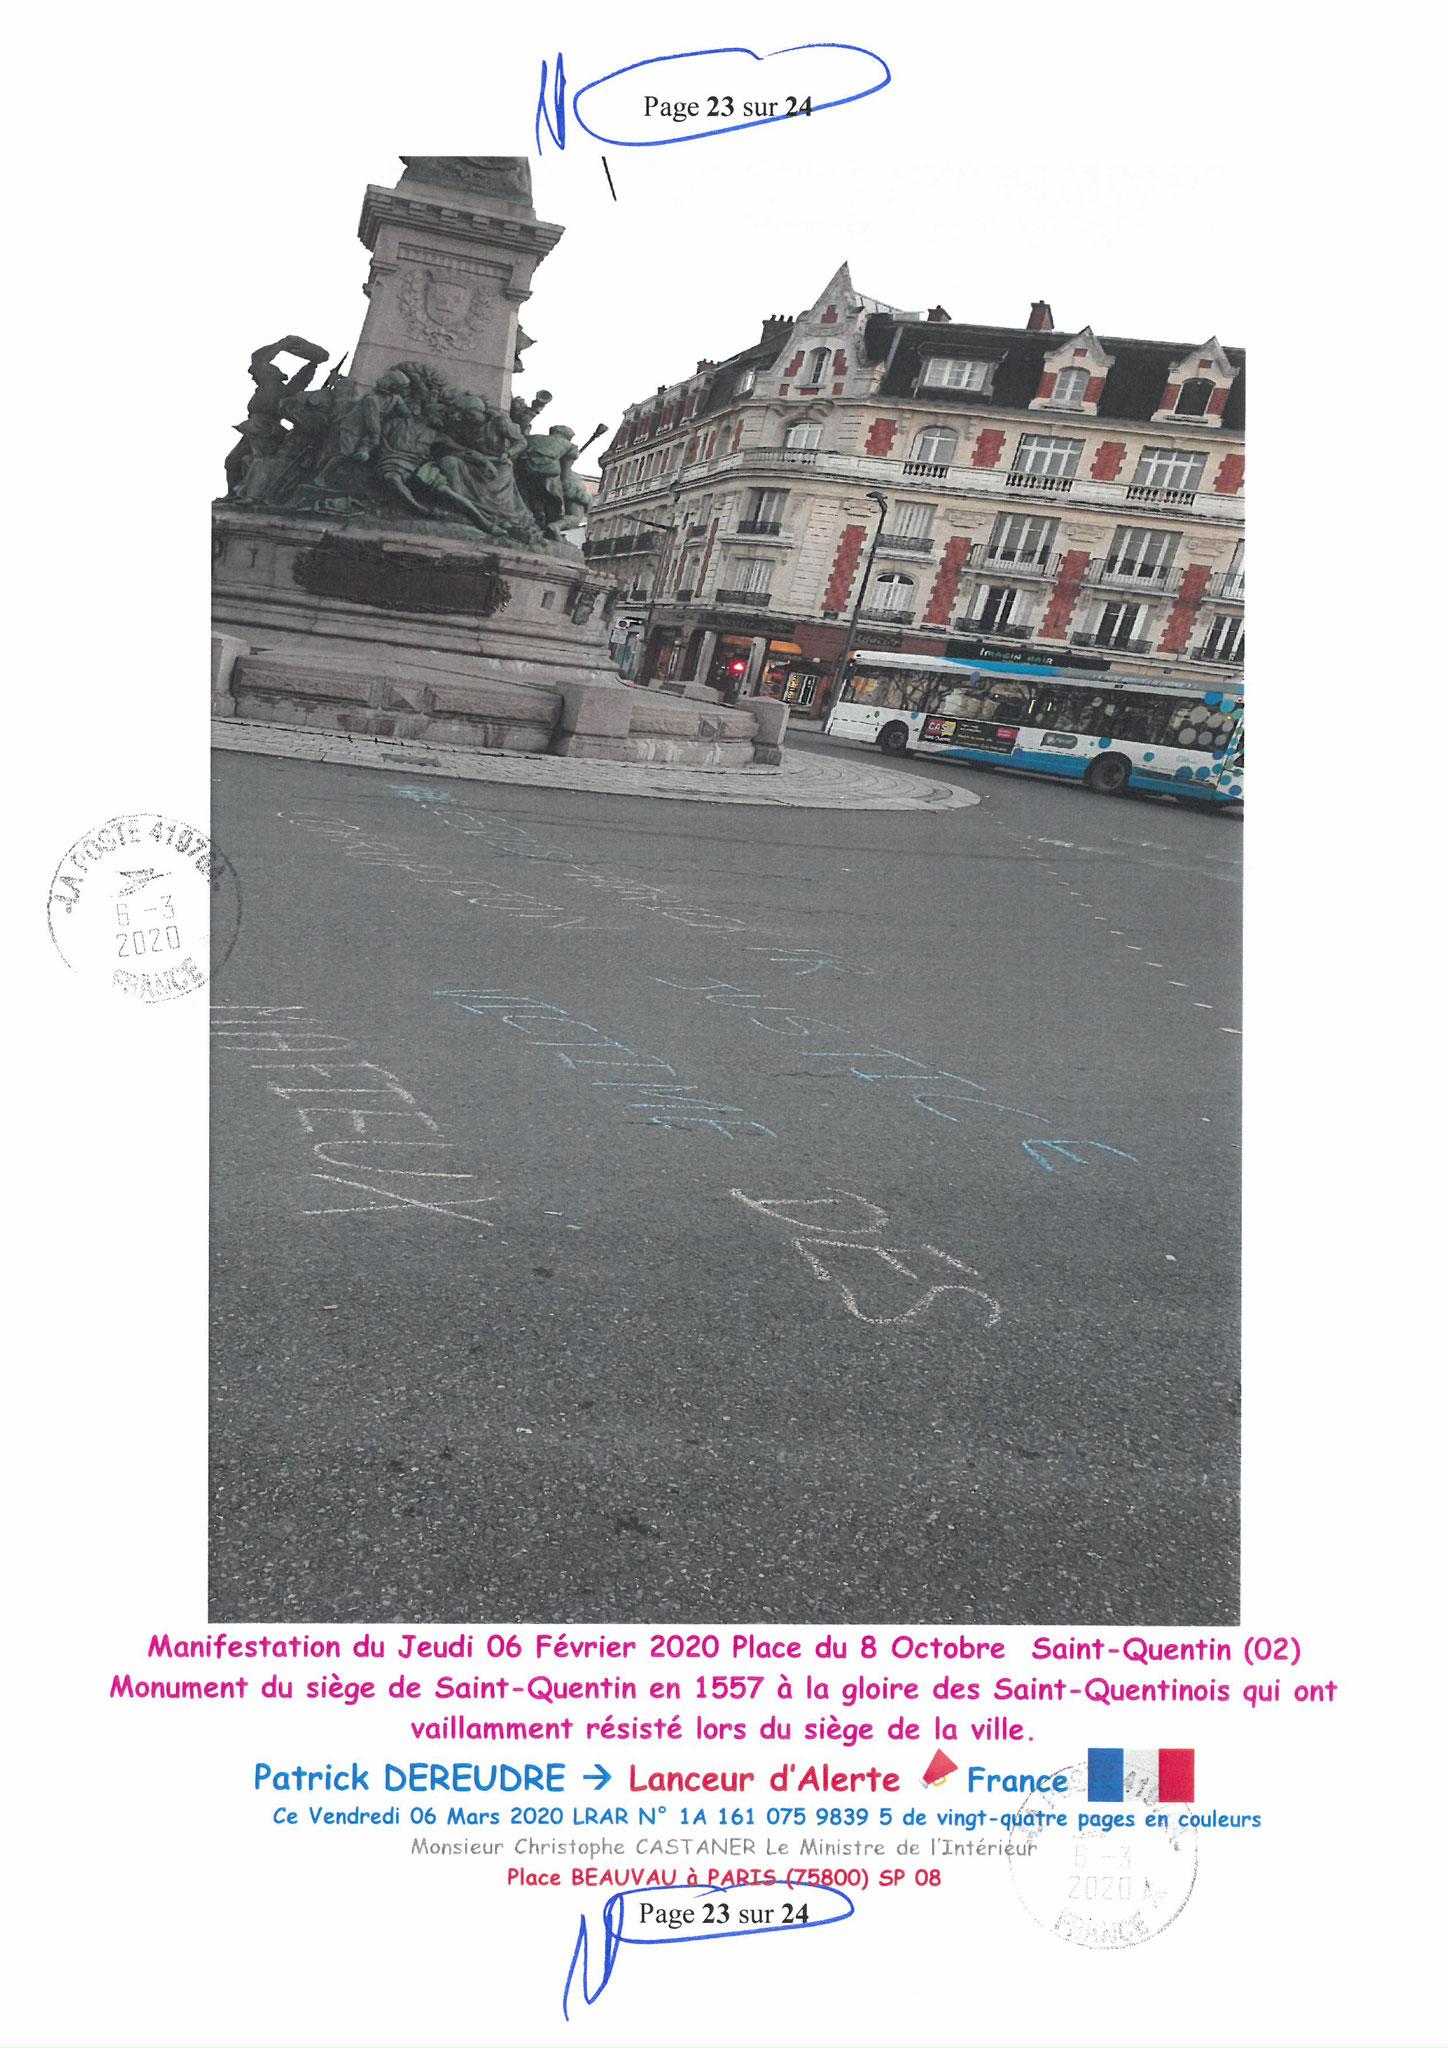 Ma LRAR à Monsieur le Ministre de l'Intérieur Christophe CASTANER N°1A 161 075 9839 5  Page 23 sur 24 en couleur du 06 Mars 2020  www.jesuispatrick.fr